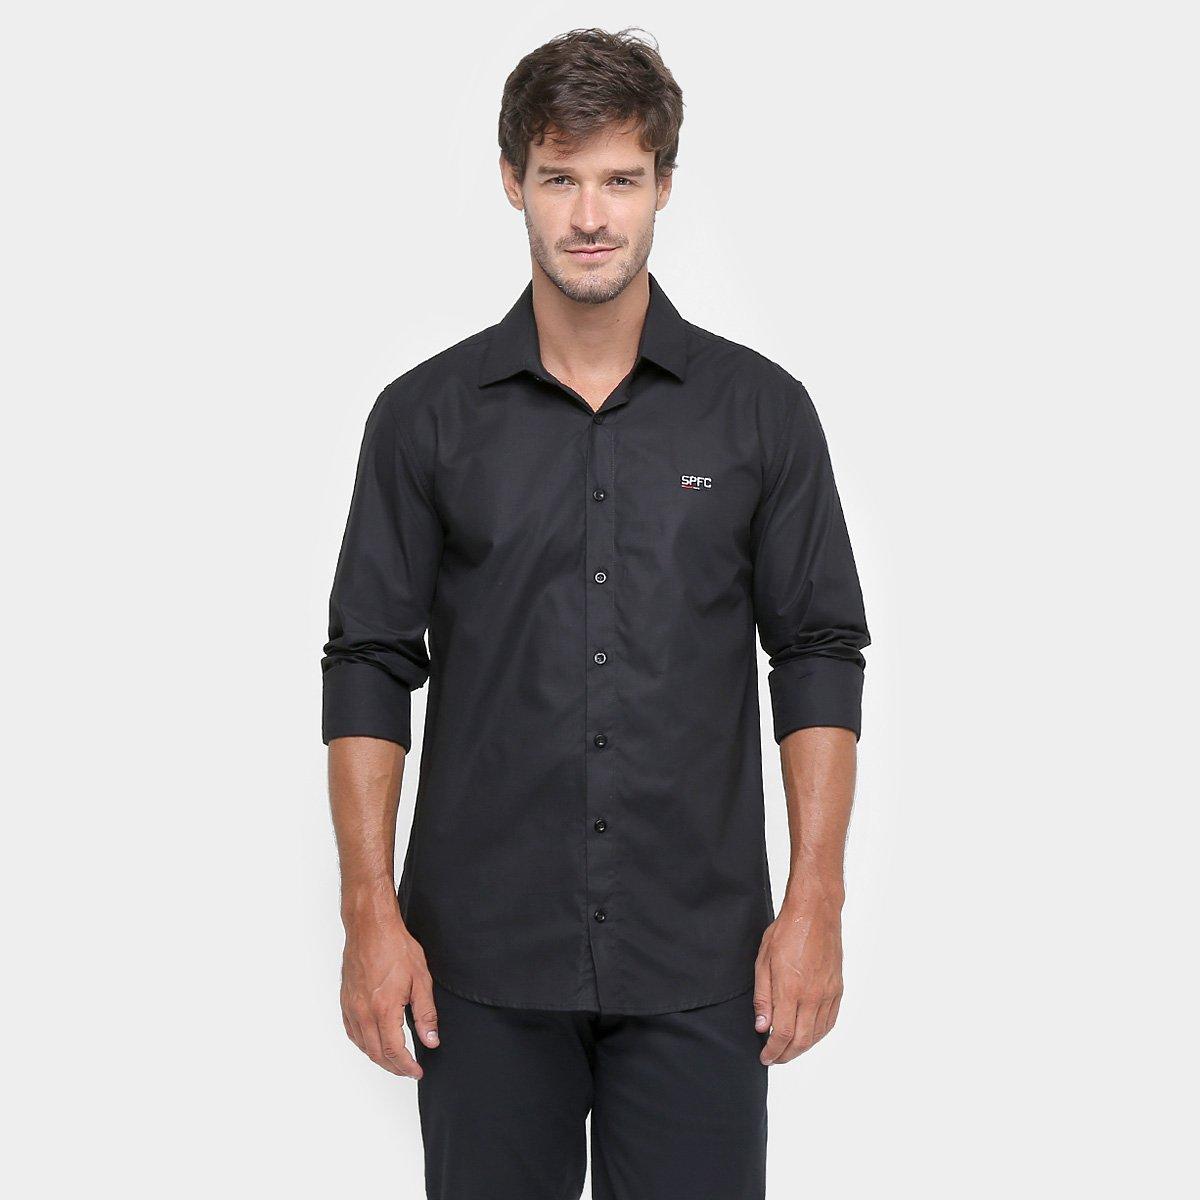 Camisa Social São Paulo Masculina - Compre Agora  eb3dbe9567ded